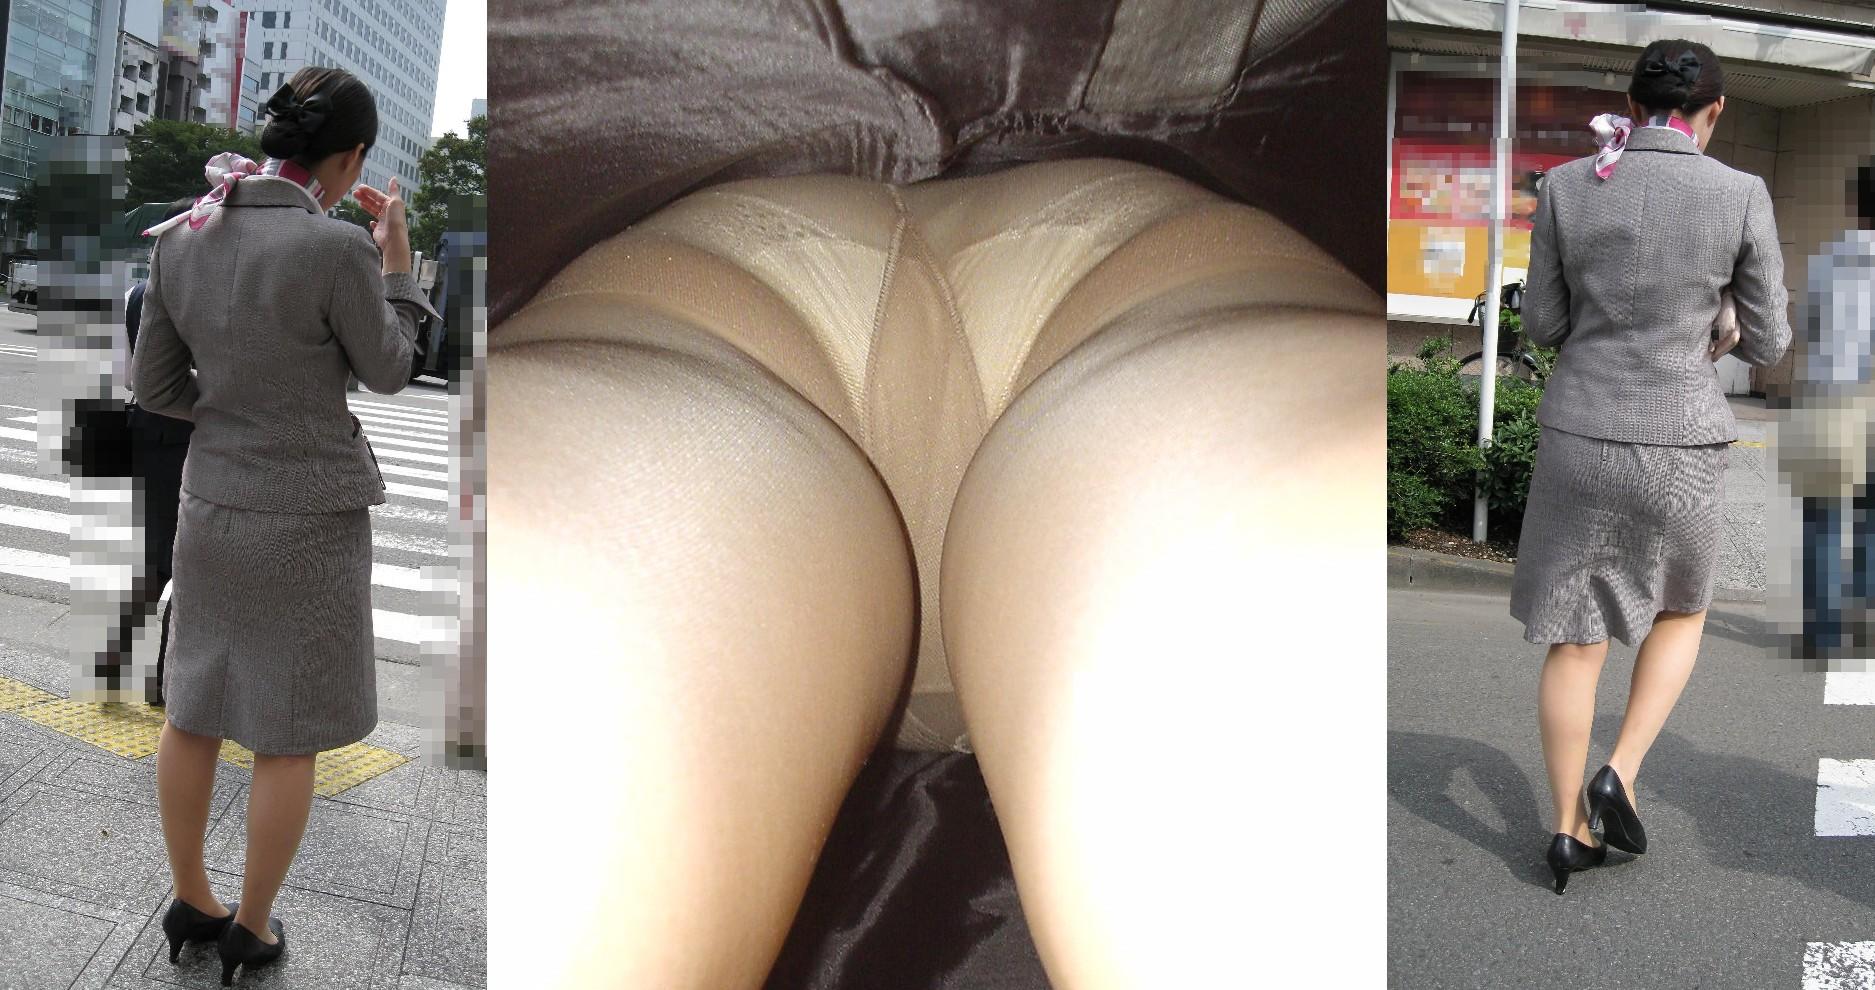 【パンチラ盗撮】業務中、社内行事に外回り…働く女性のムレた股間を必死に覗いたパンチラ画像 18